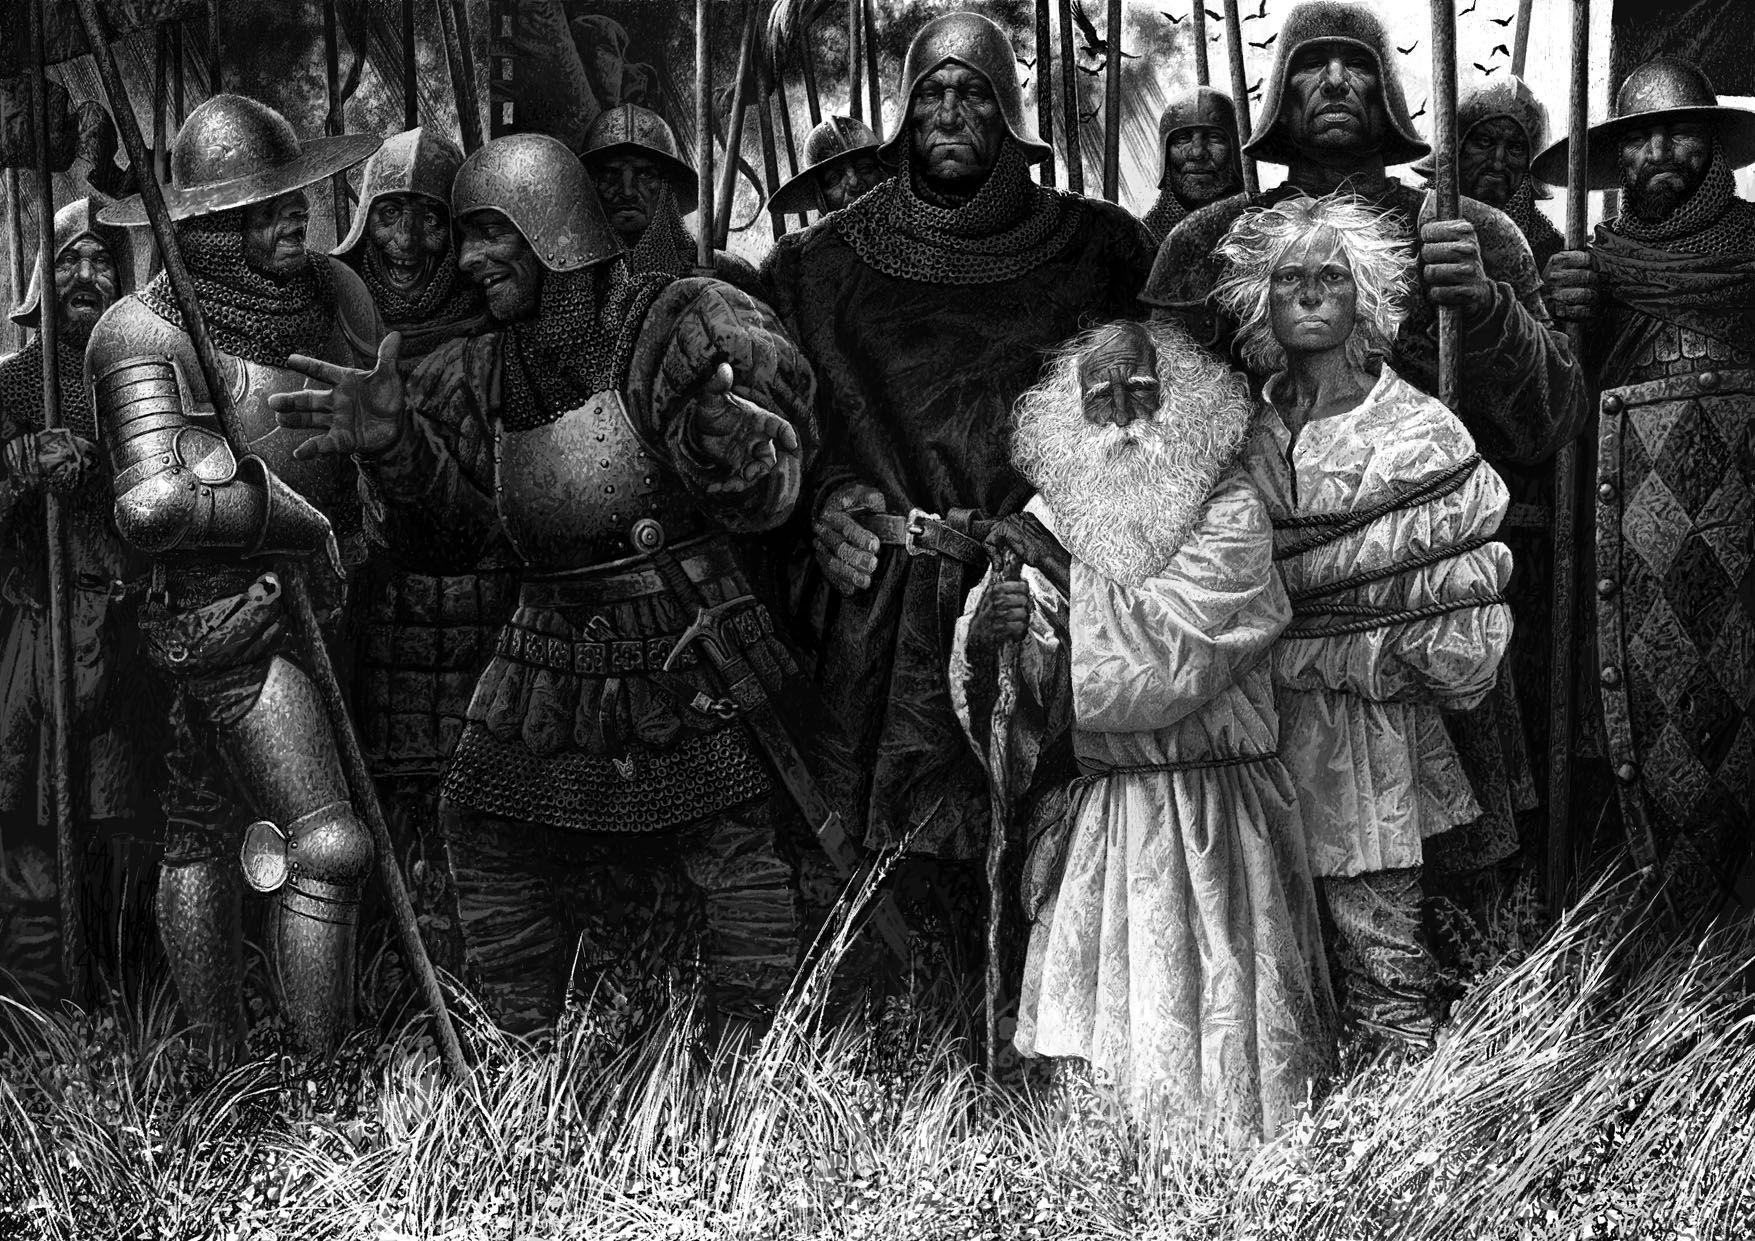 """Иллюстрация к стихотворению """"Вересковый мёд"""". Маленькие-светловолосые - это нордическая раса, пикты, викинги. А амбалы вокруг - это кельты, шотландцы..."""